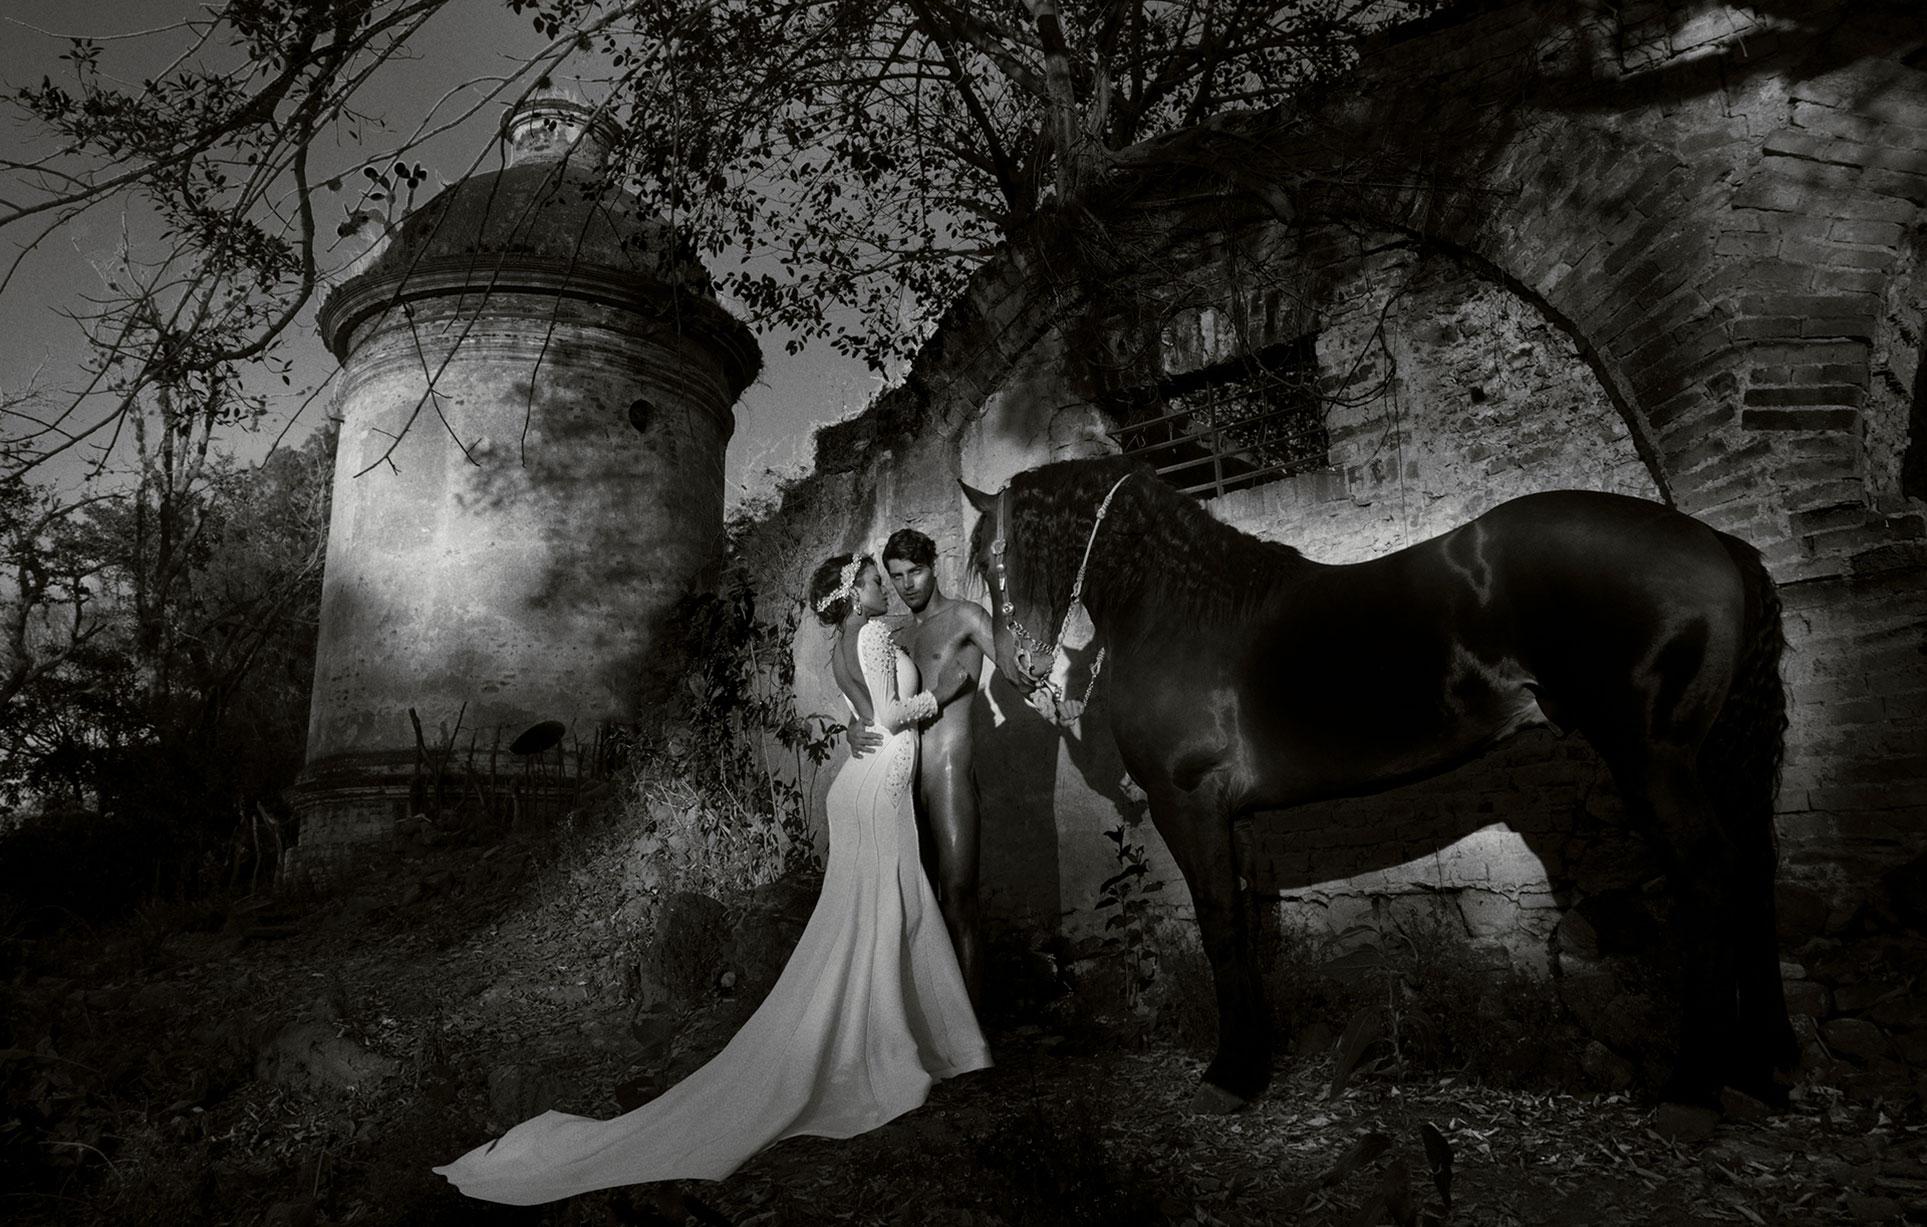 мексиканская любовь - свадебные платья Lozzano Brides / Rafael Sanchez and Nohemi Hermosillo by Jvdas Berra